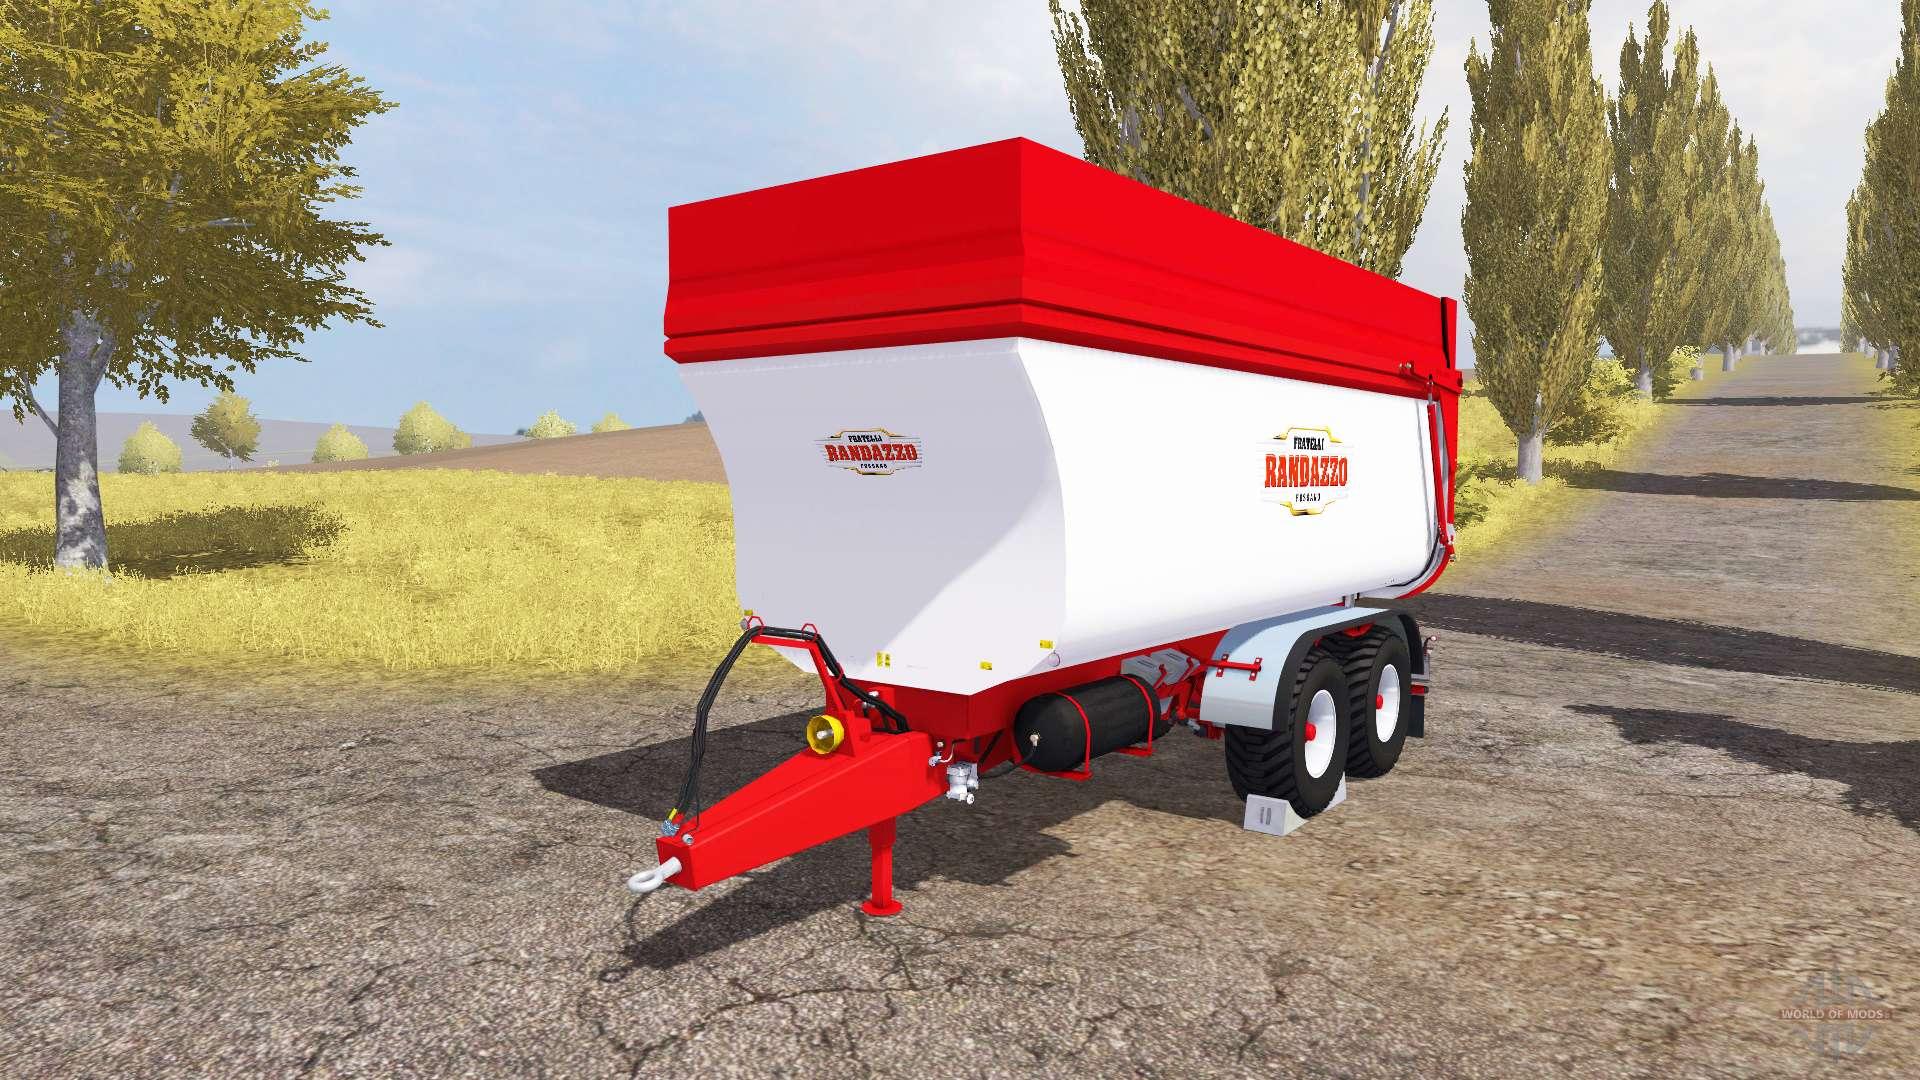 Rimorchi randazzo t60 v1 1 for farming simulator 2013 for Rimorchi randazzo